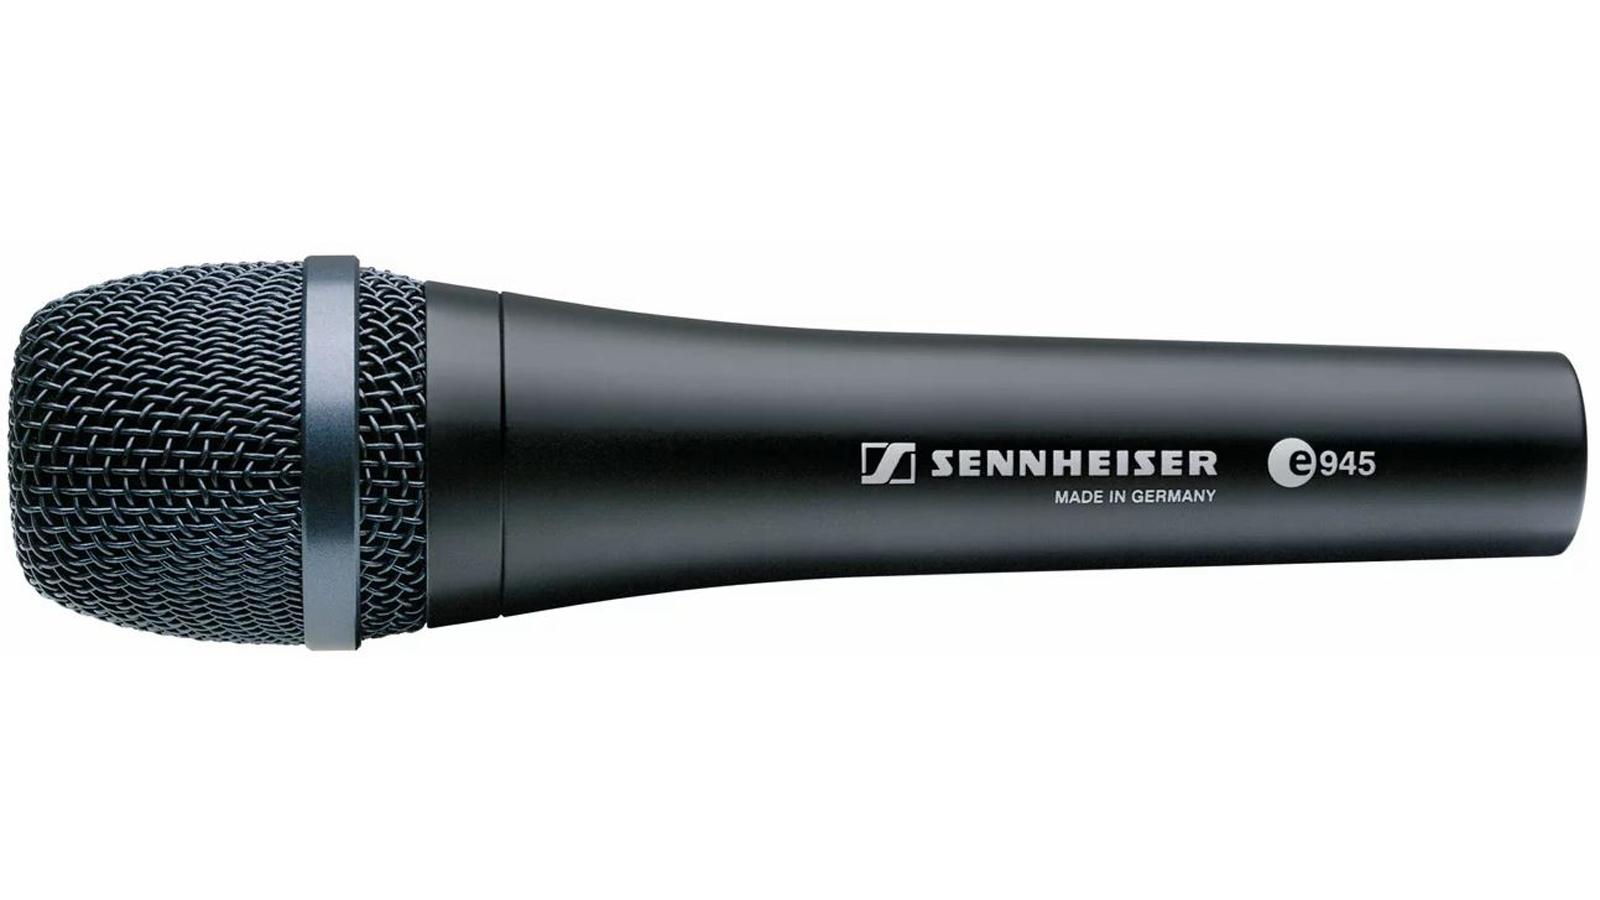 Sennheiser e 945 Mikrofon Superniere